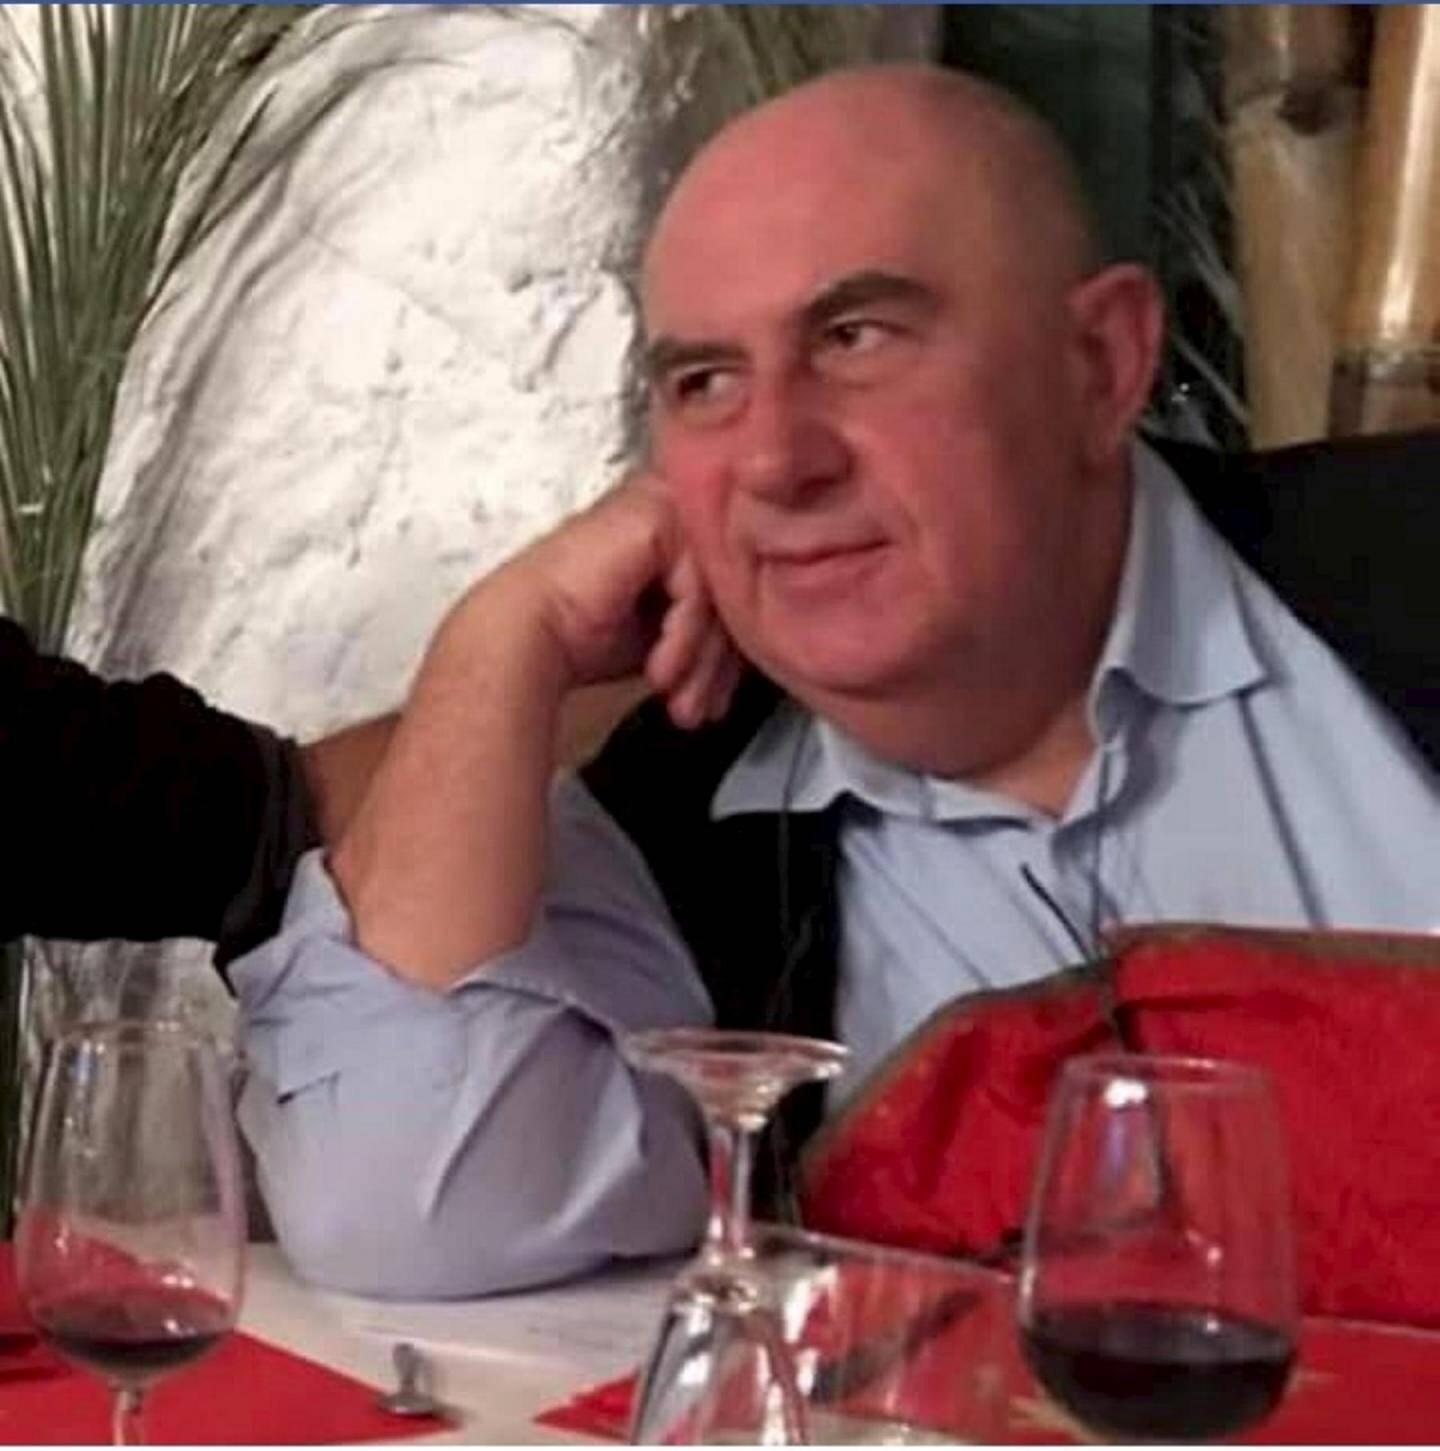 Giuseppe Serena, Piémontais de 67 ans, est accusé d'avoir commandité le kidnapping de 2016 et la tentative de 2013. Il le nie farouchement.